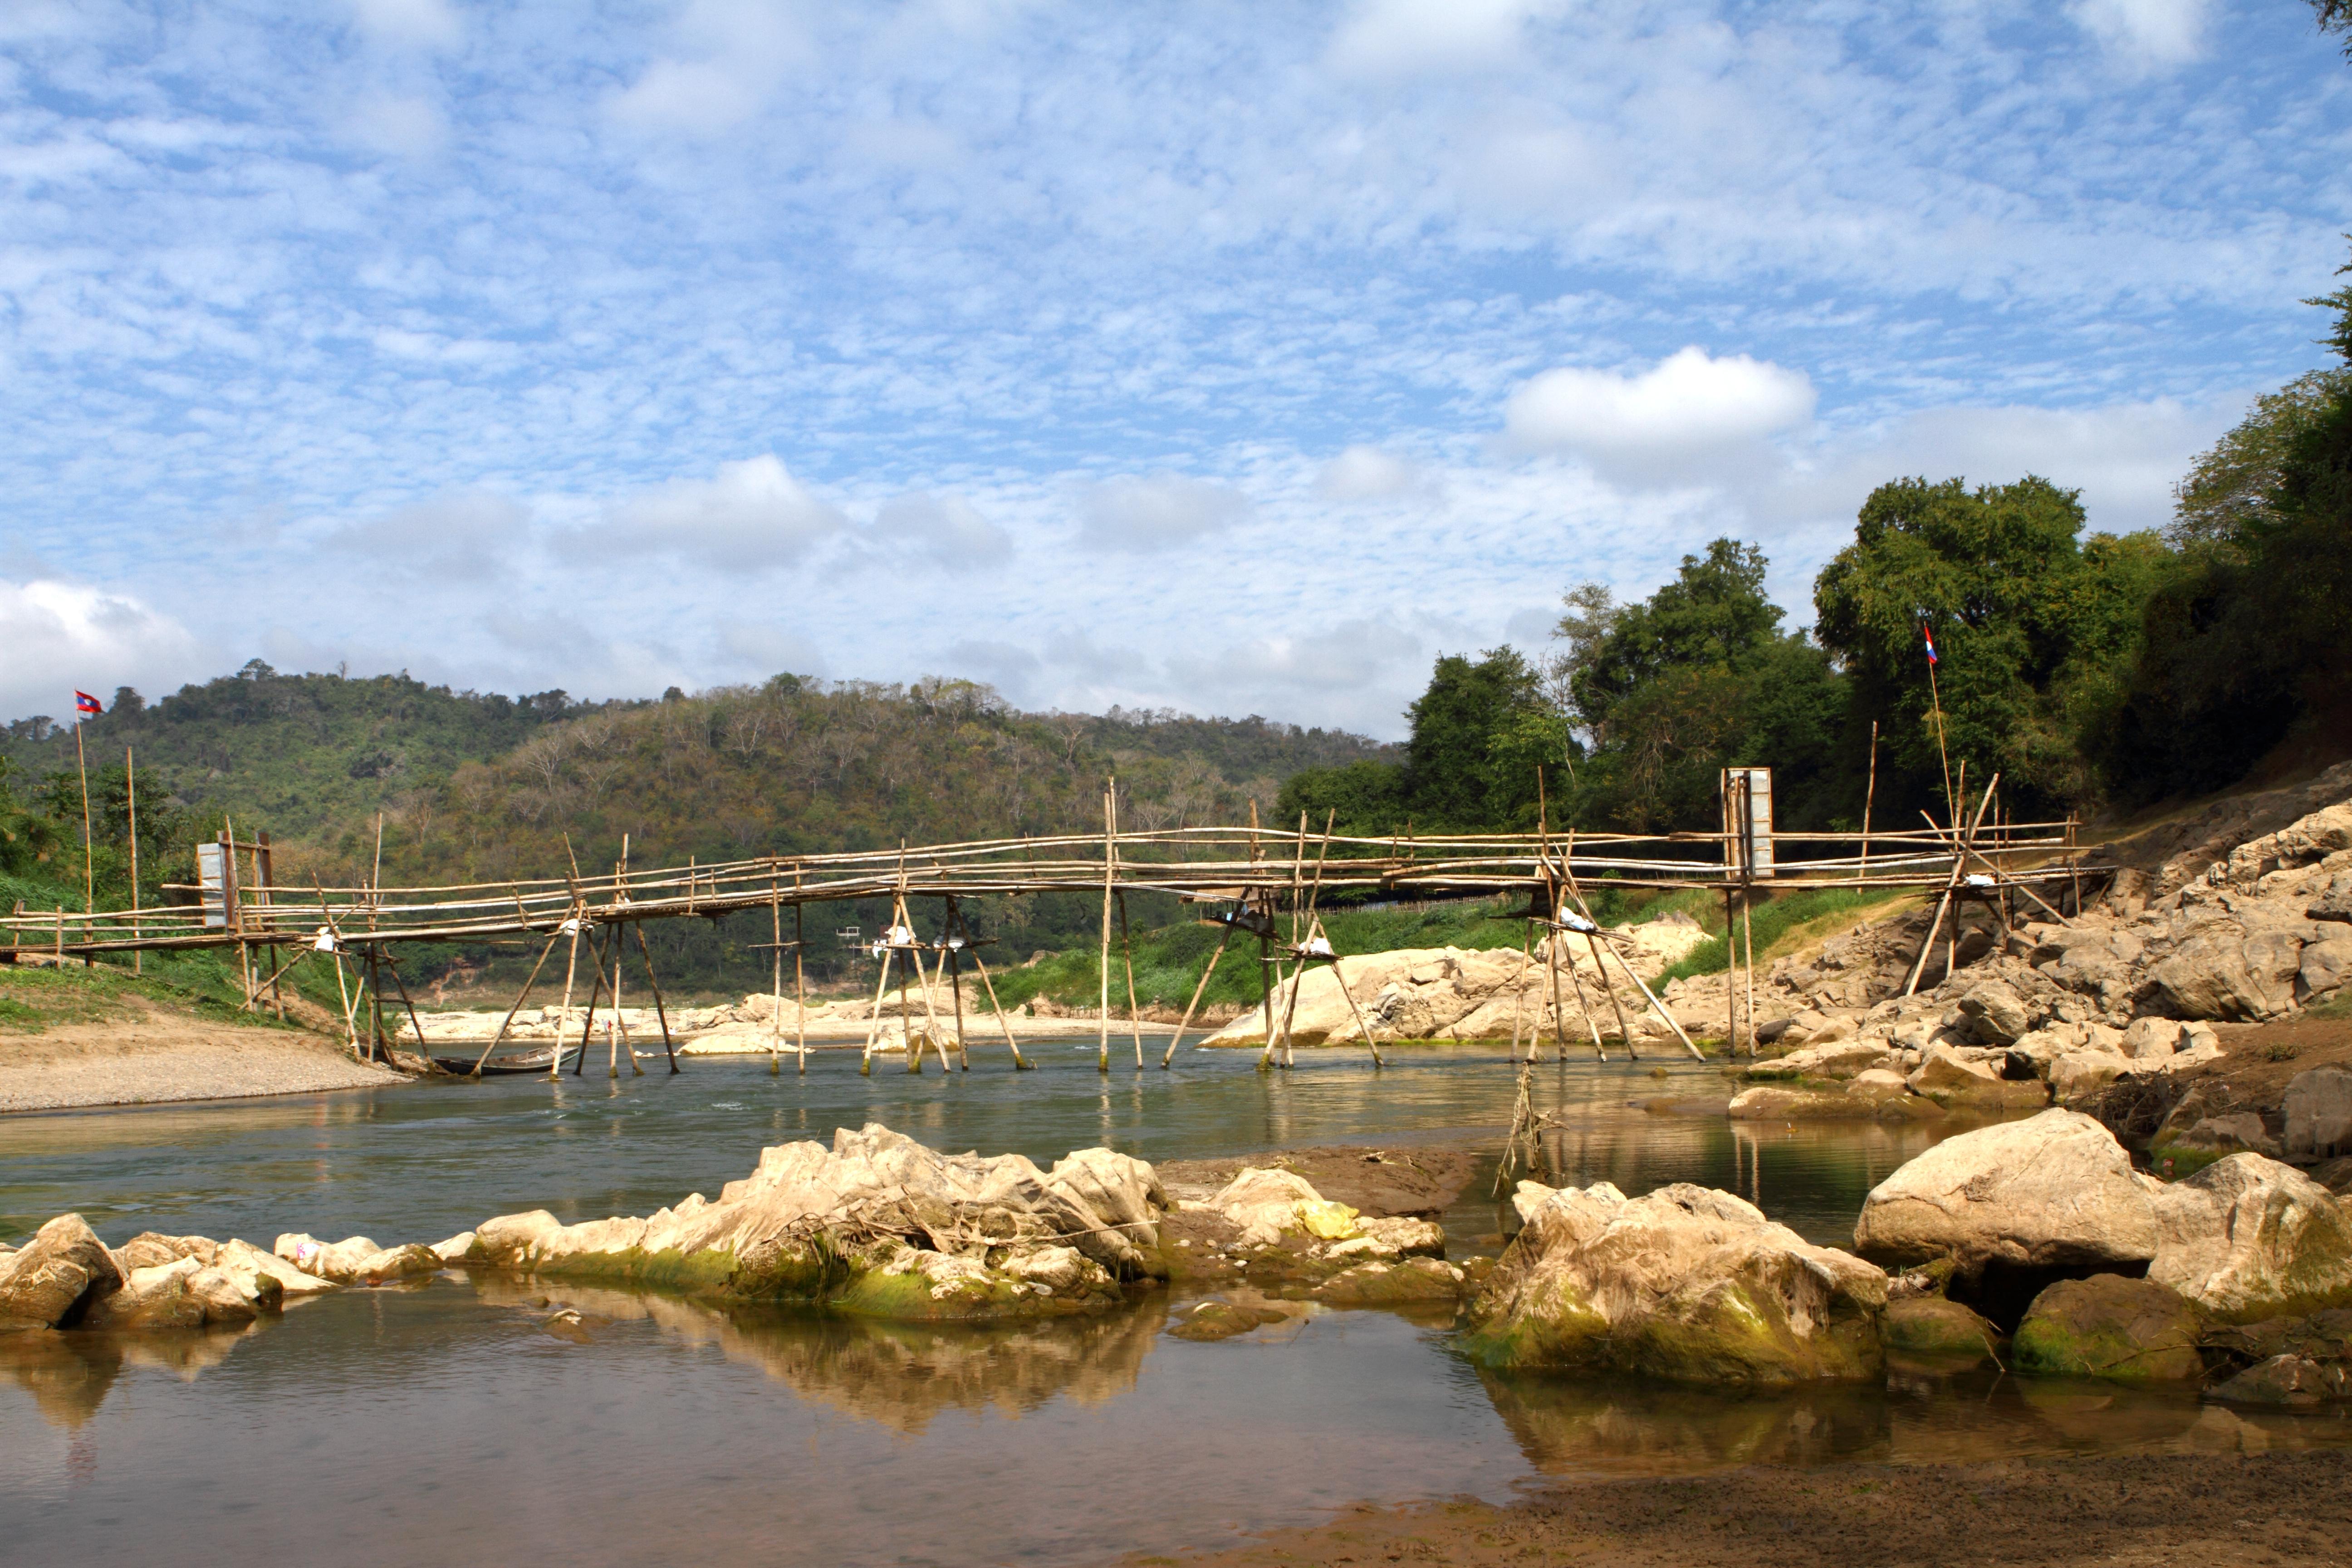 Cruzar los puentes de bambú sobre el río Nam Khan - Laos Gran Viaje Laos y Vietnam